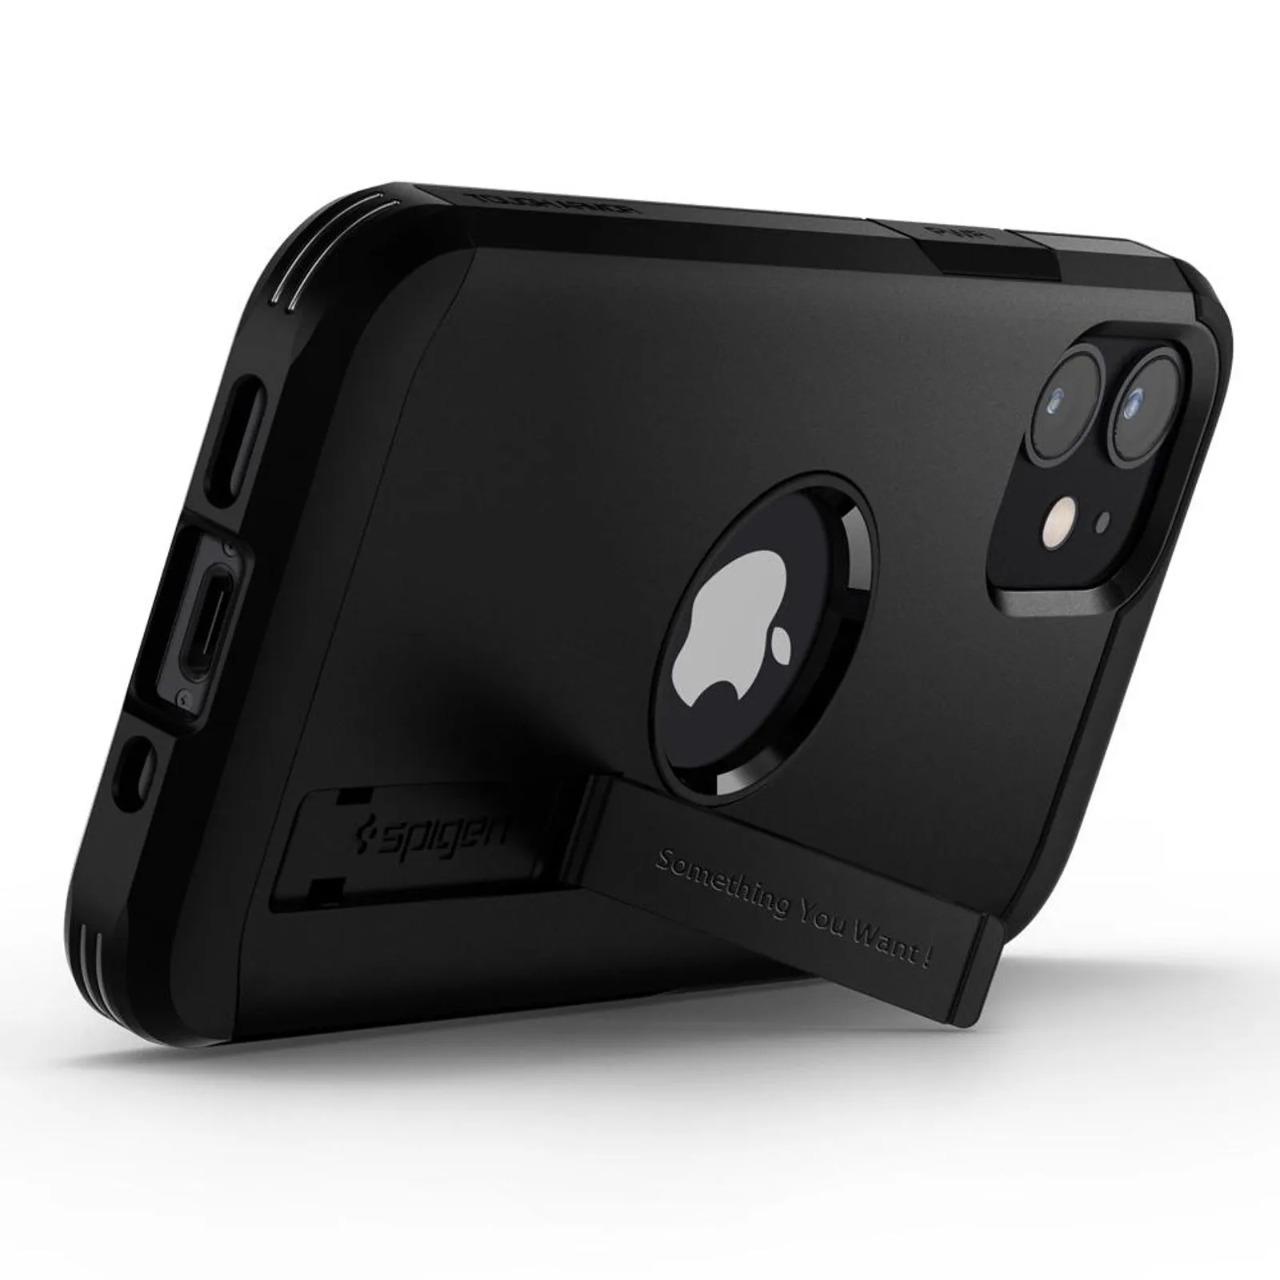 Capa Tough Armor Compatível com iPhone 12 Mini